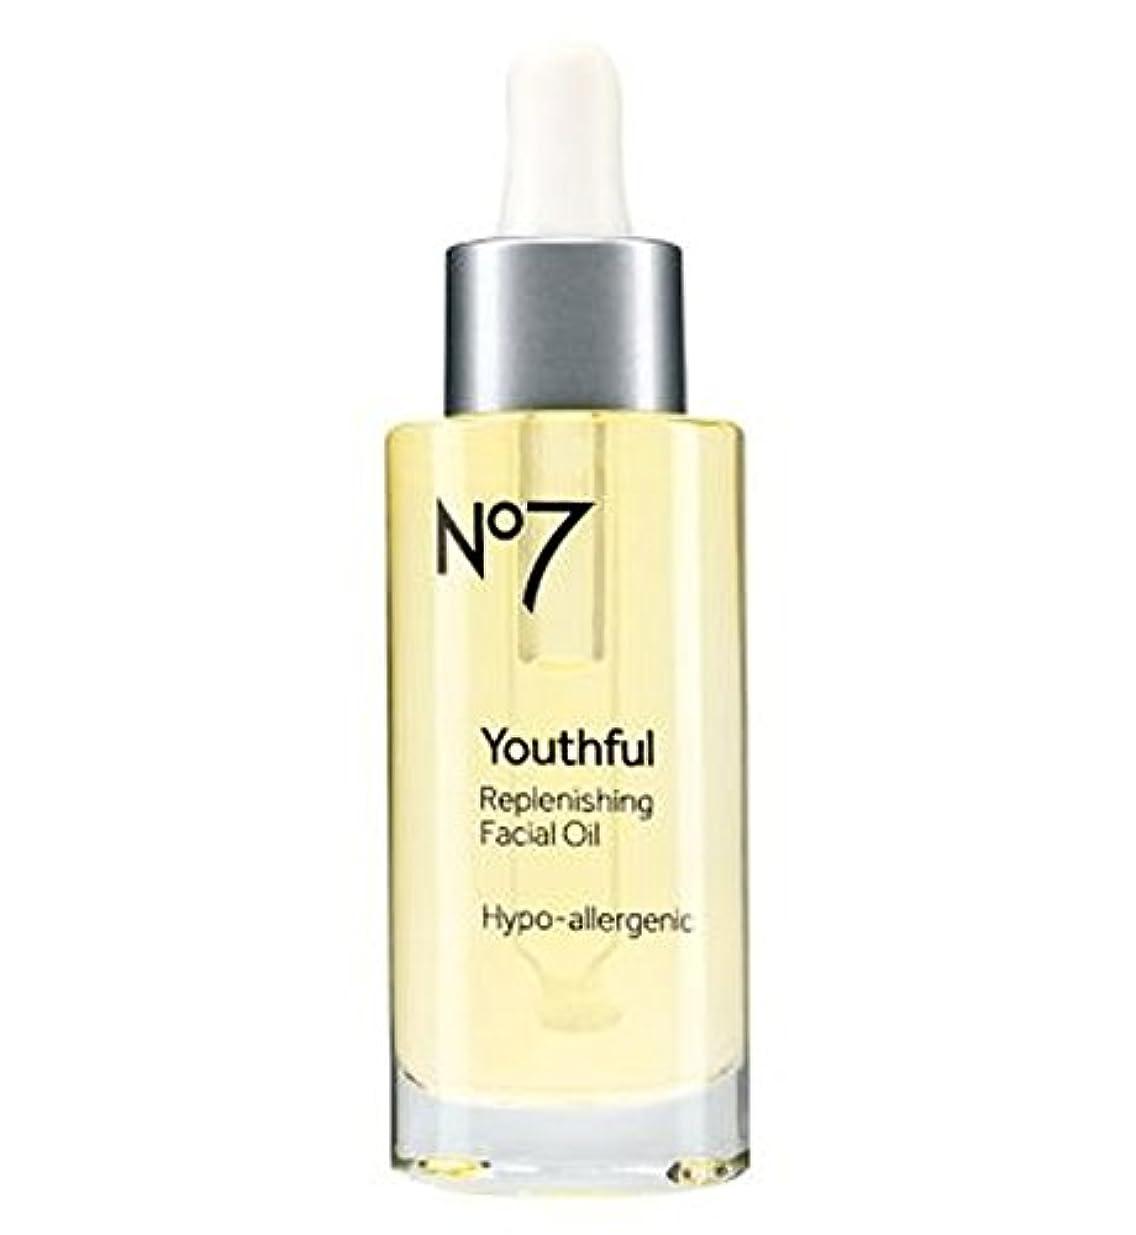 公平ネックレスダイバーNo7若々しい補給フェイシャルオイル30ミリリットル (No7) (x2) - No7 Youthful Replenishing Facial Oil 30ml (Pack of 2) [並行輸入品]